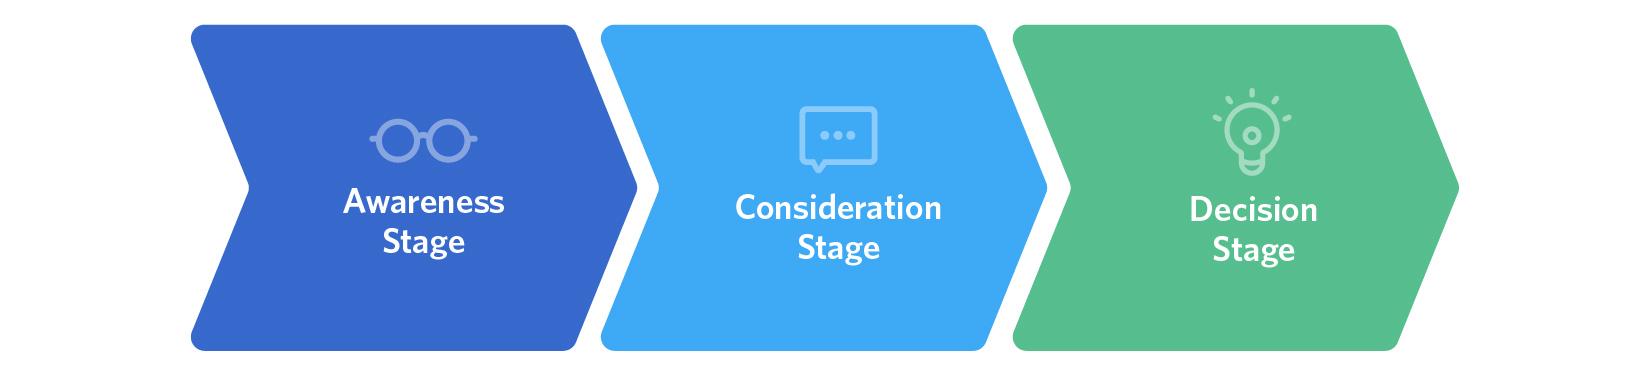 stages-de7ee7665b6d5a8e9136265bff2fe14e